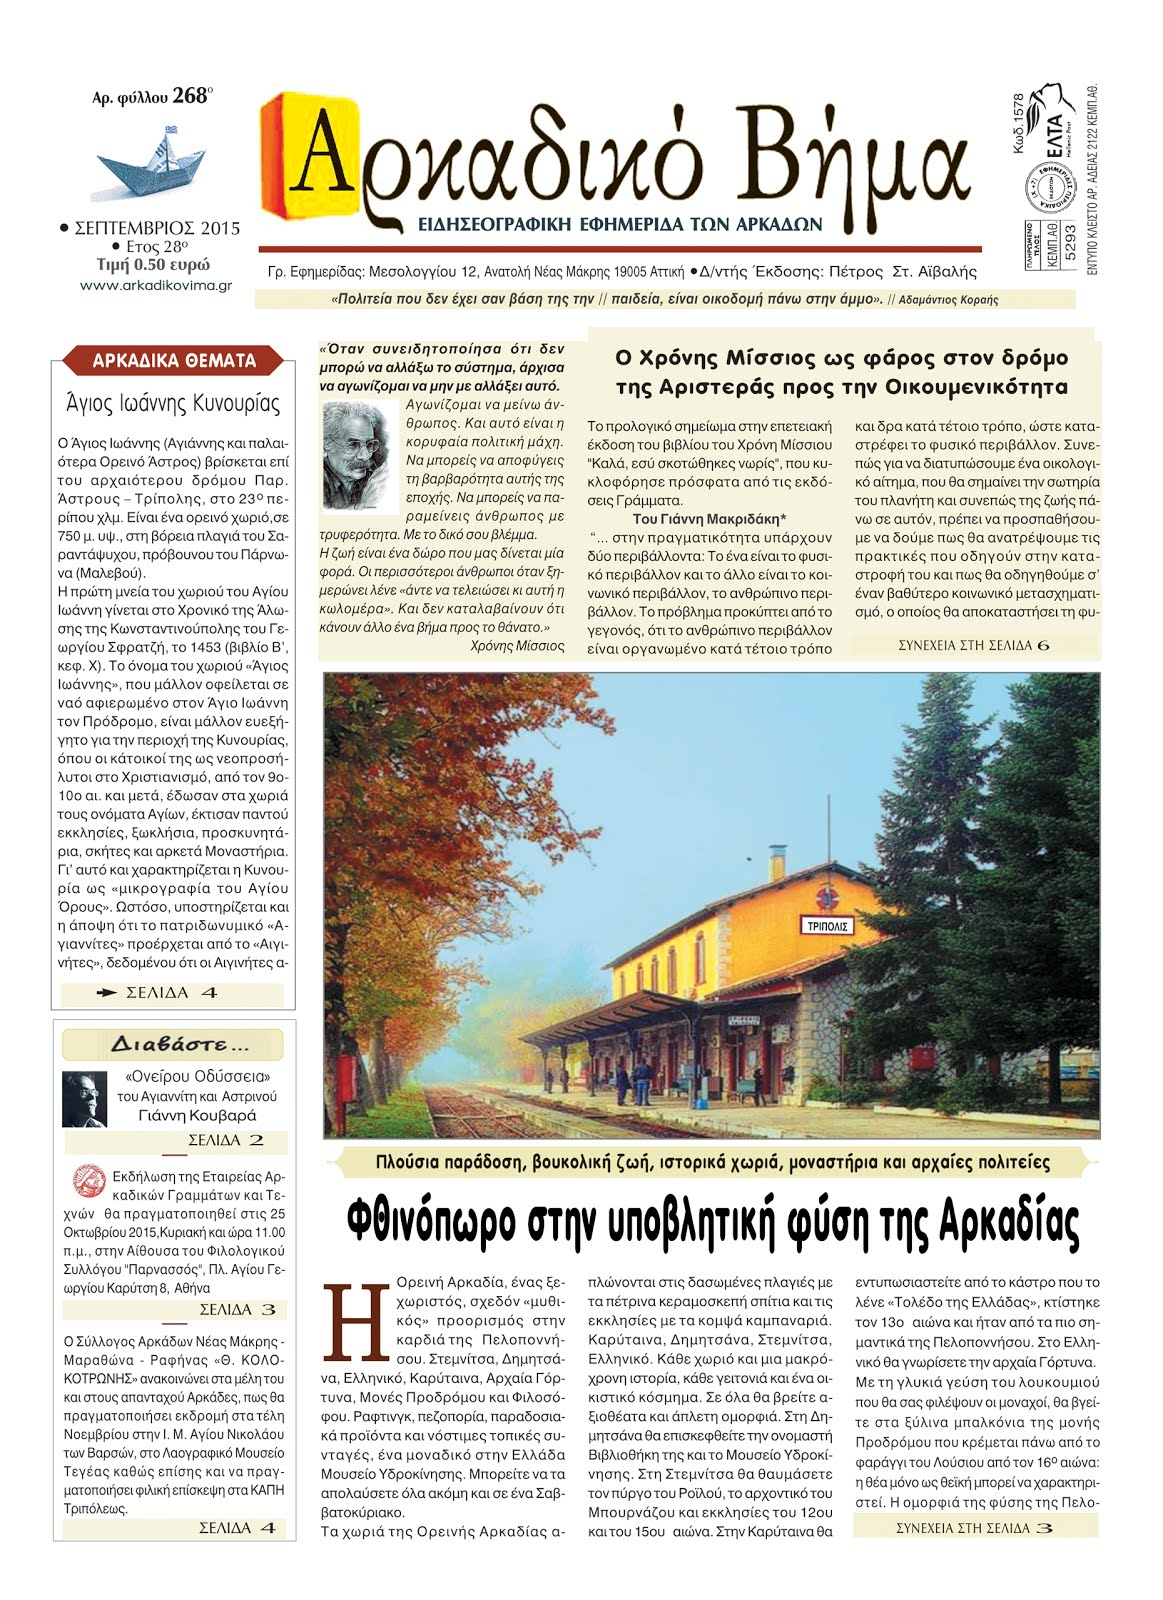 Κυκλοφόρησε το νέο φύλλο της εφημερίδας